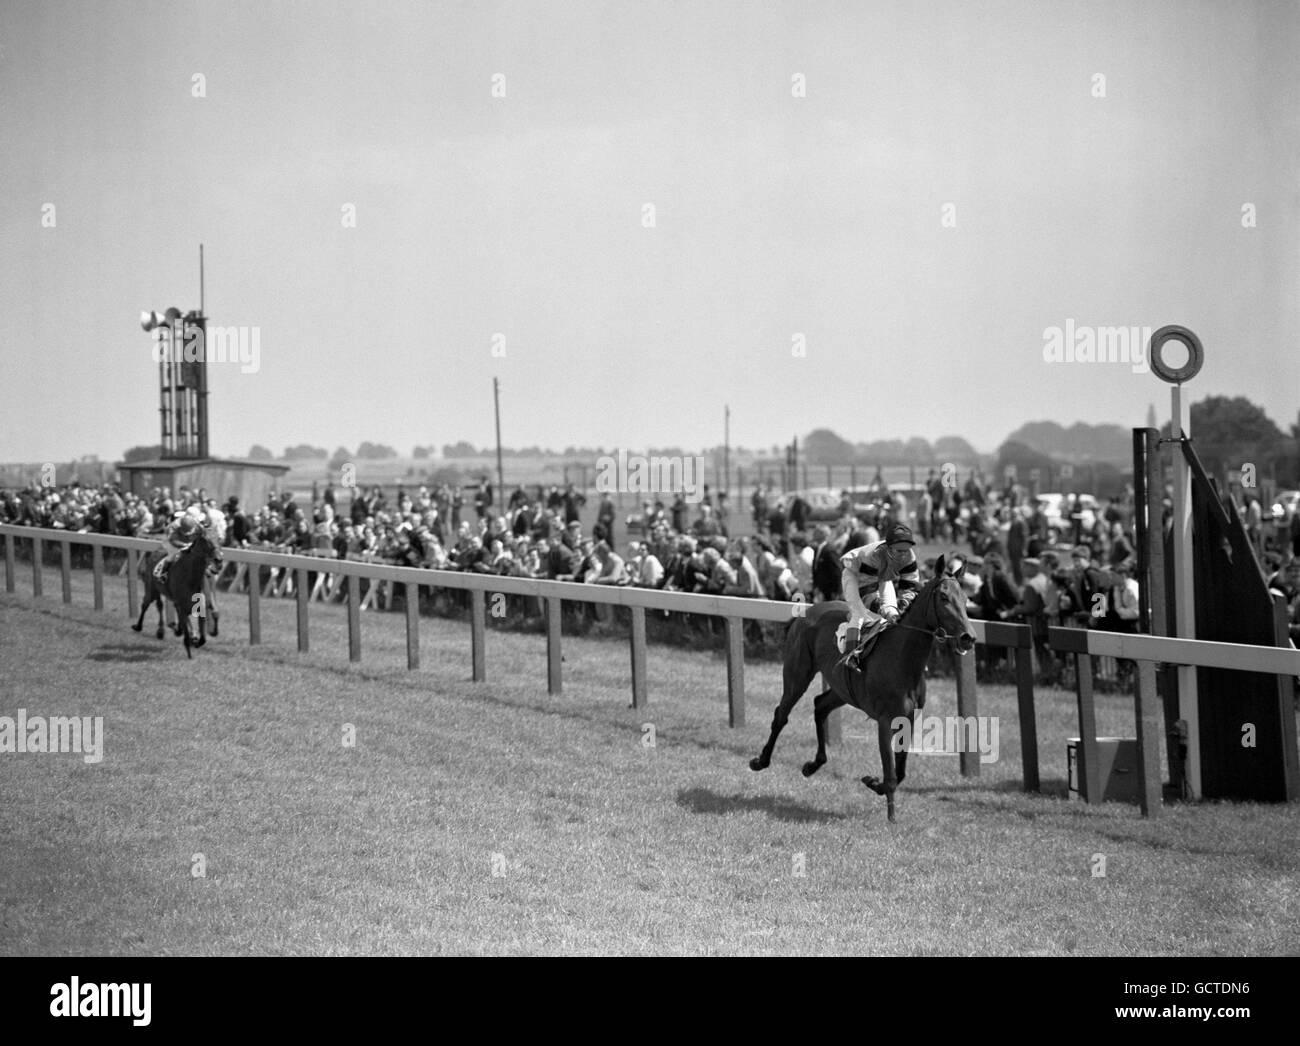 Les courses de chevaux - l'Handicap de Hamilton - Plaque Baignoire Hippodrome Photo Stock